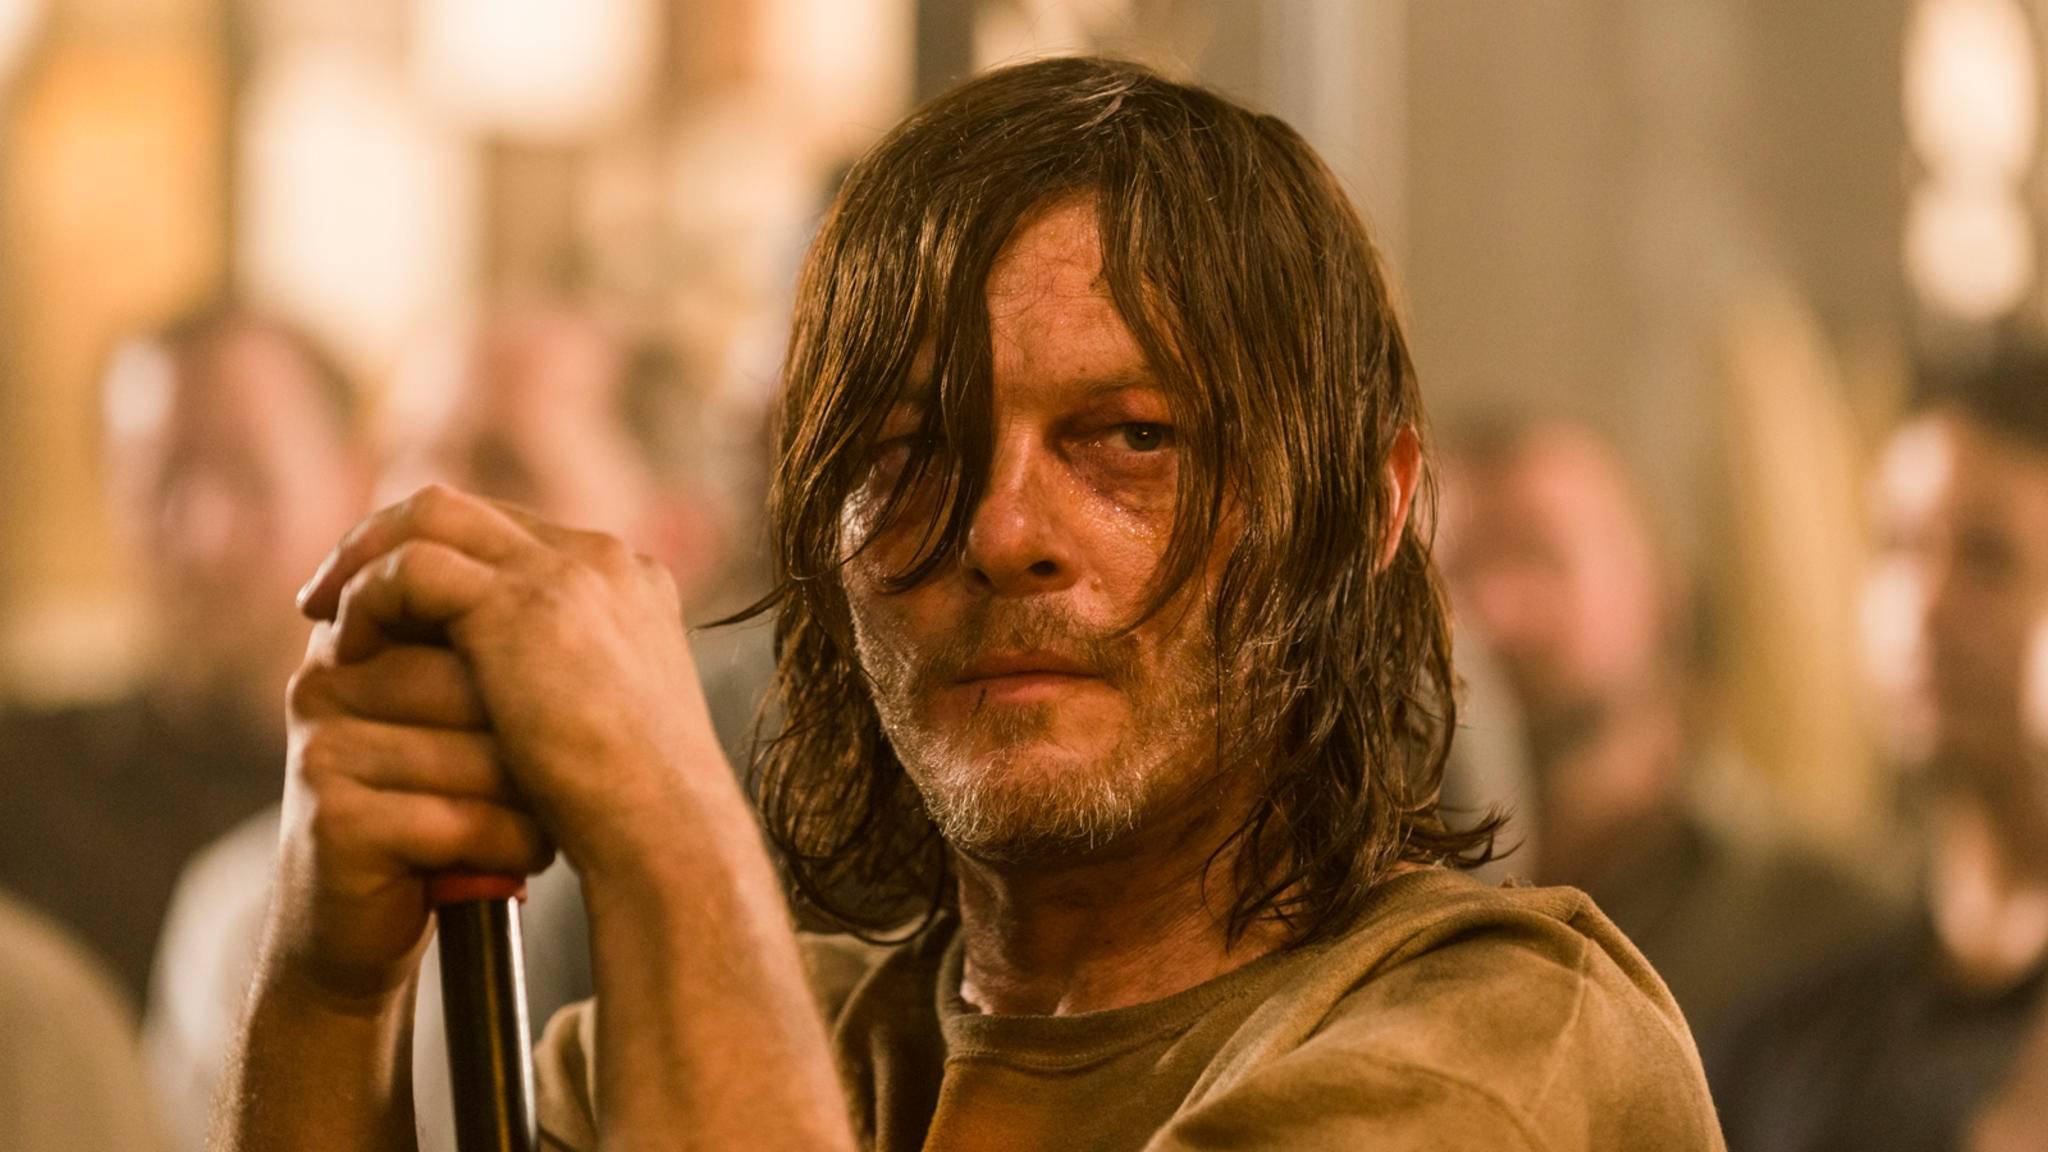 """Daryl kommt in der Comics von """"The Walking Dead"""" gar nicht vor."""